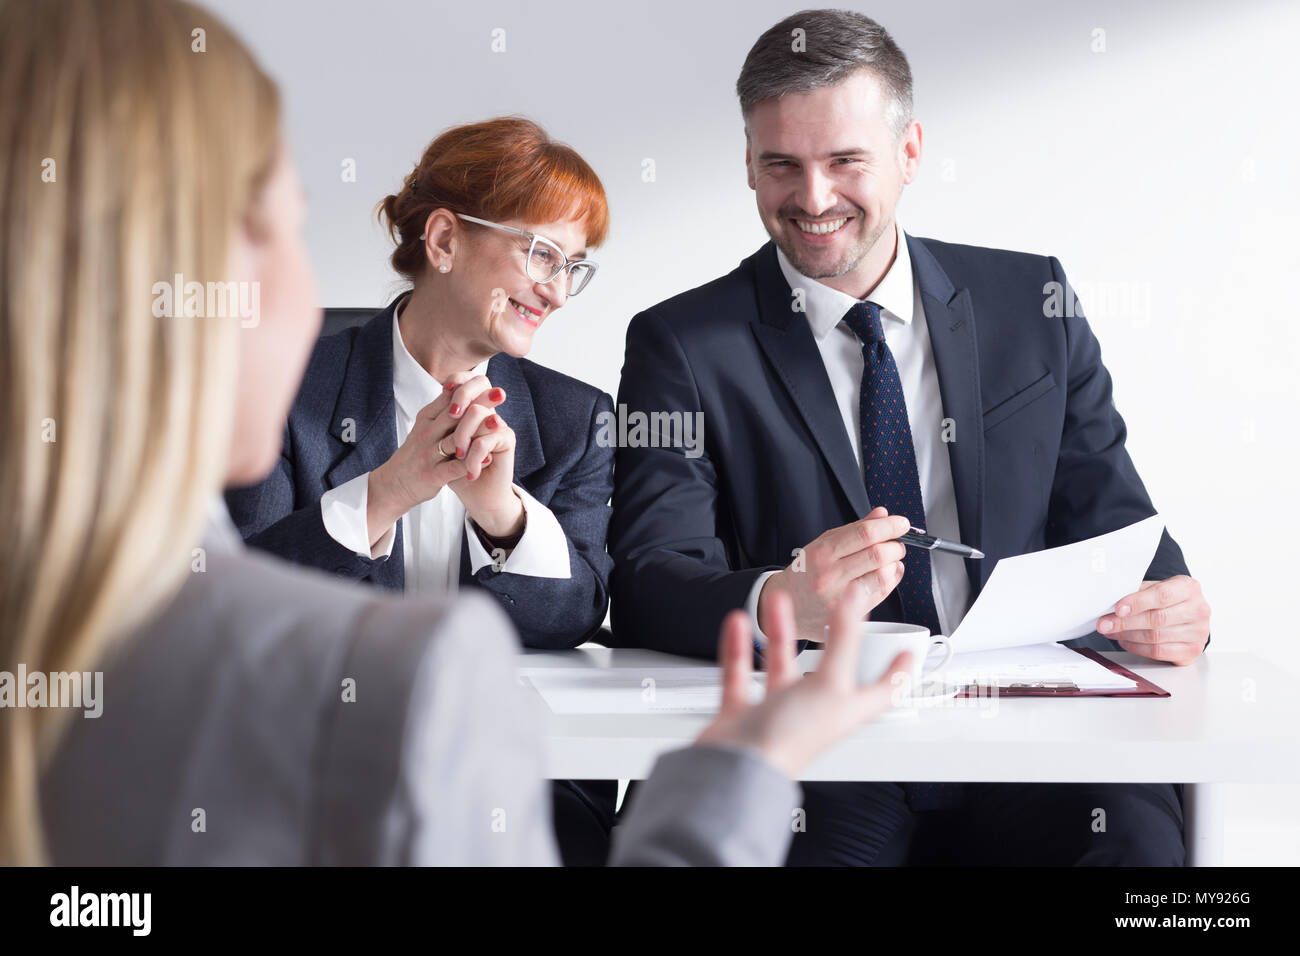 Bewerber zurück ansehen und zwei elegante Corporate Arbeitnehmer Stockbild